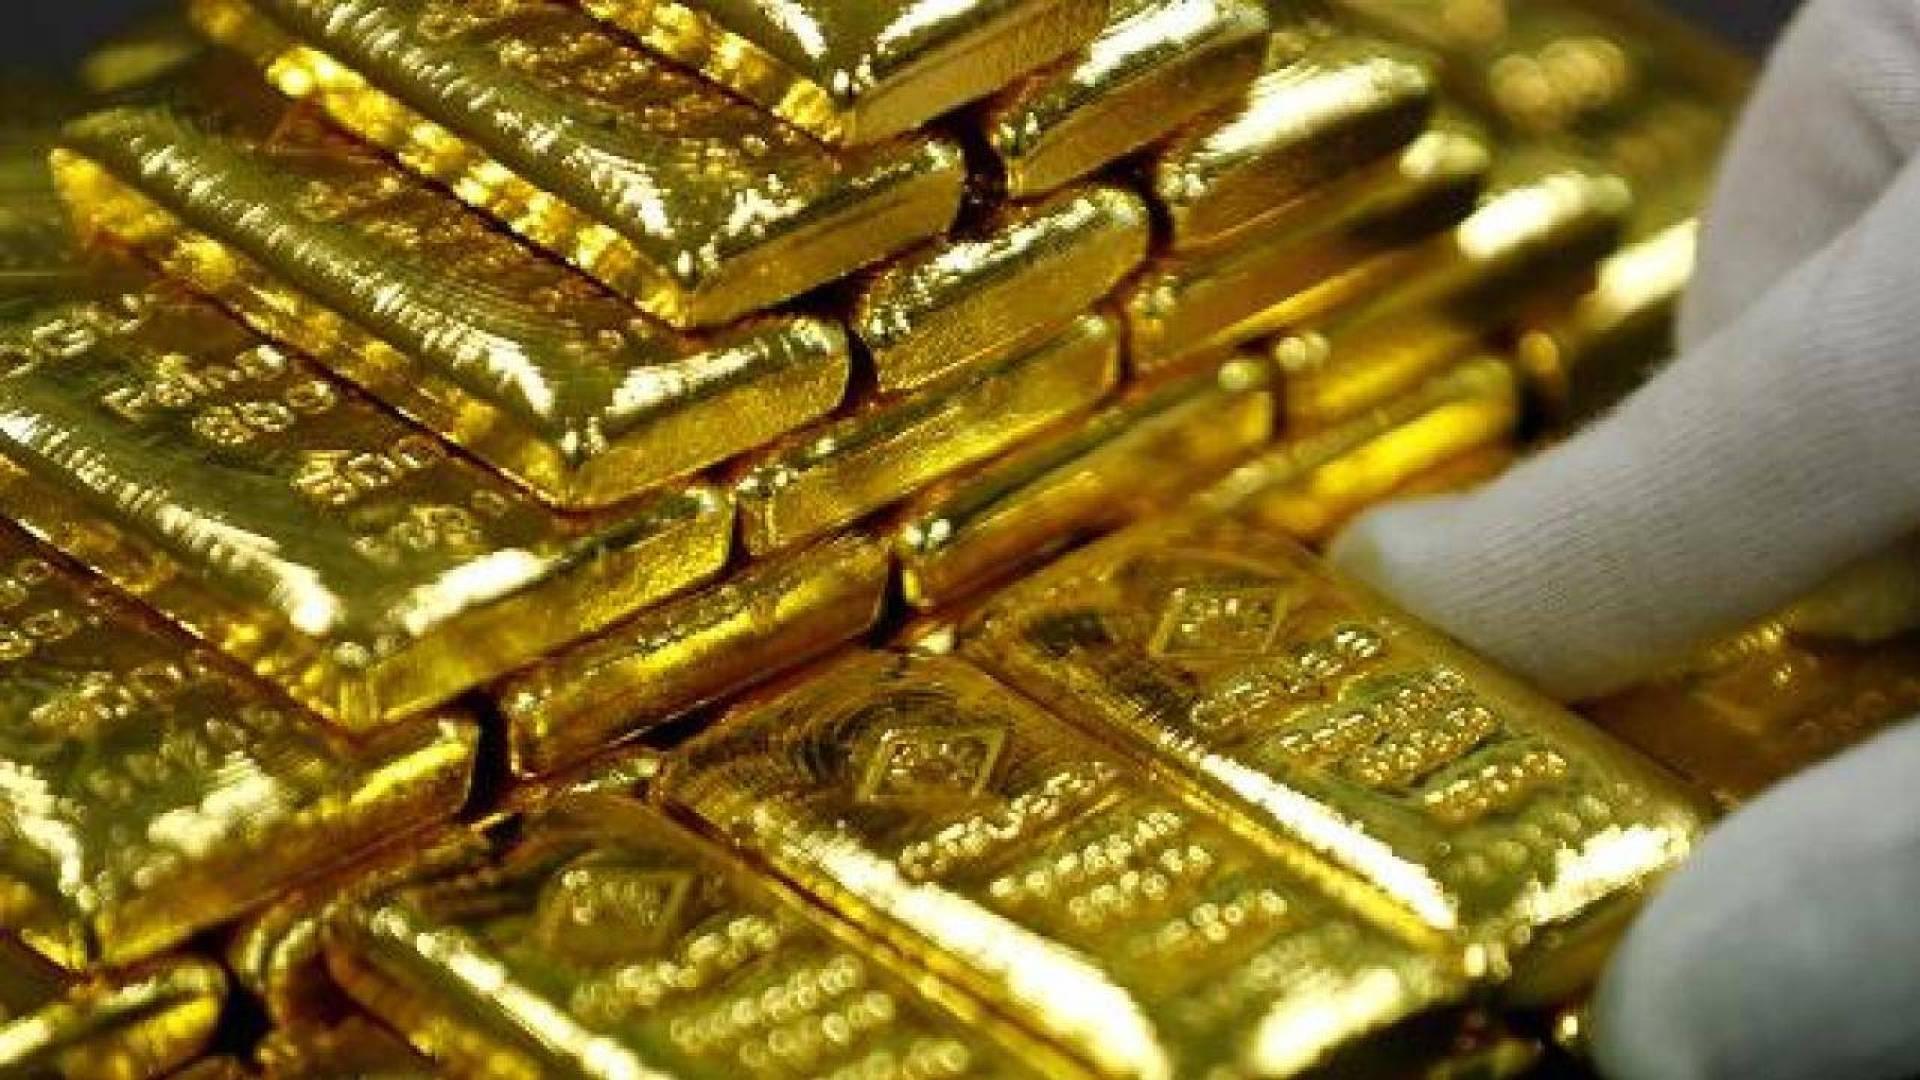 الذهب يصعد مع انحسار شهية المخاطرة بعد زيادة إصابات كورونا